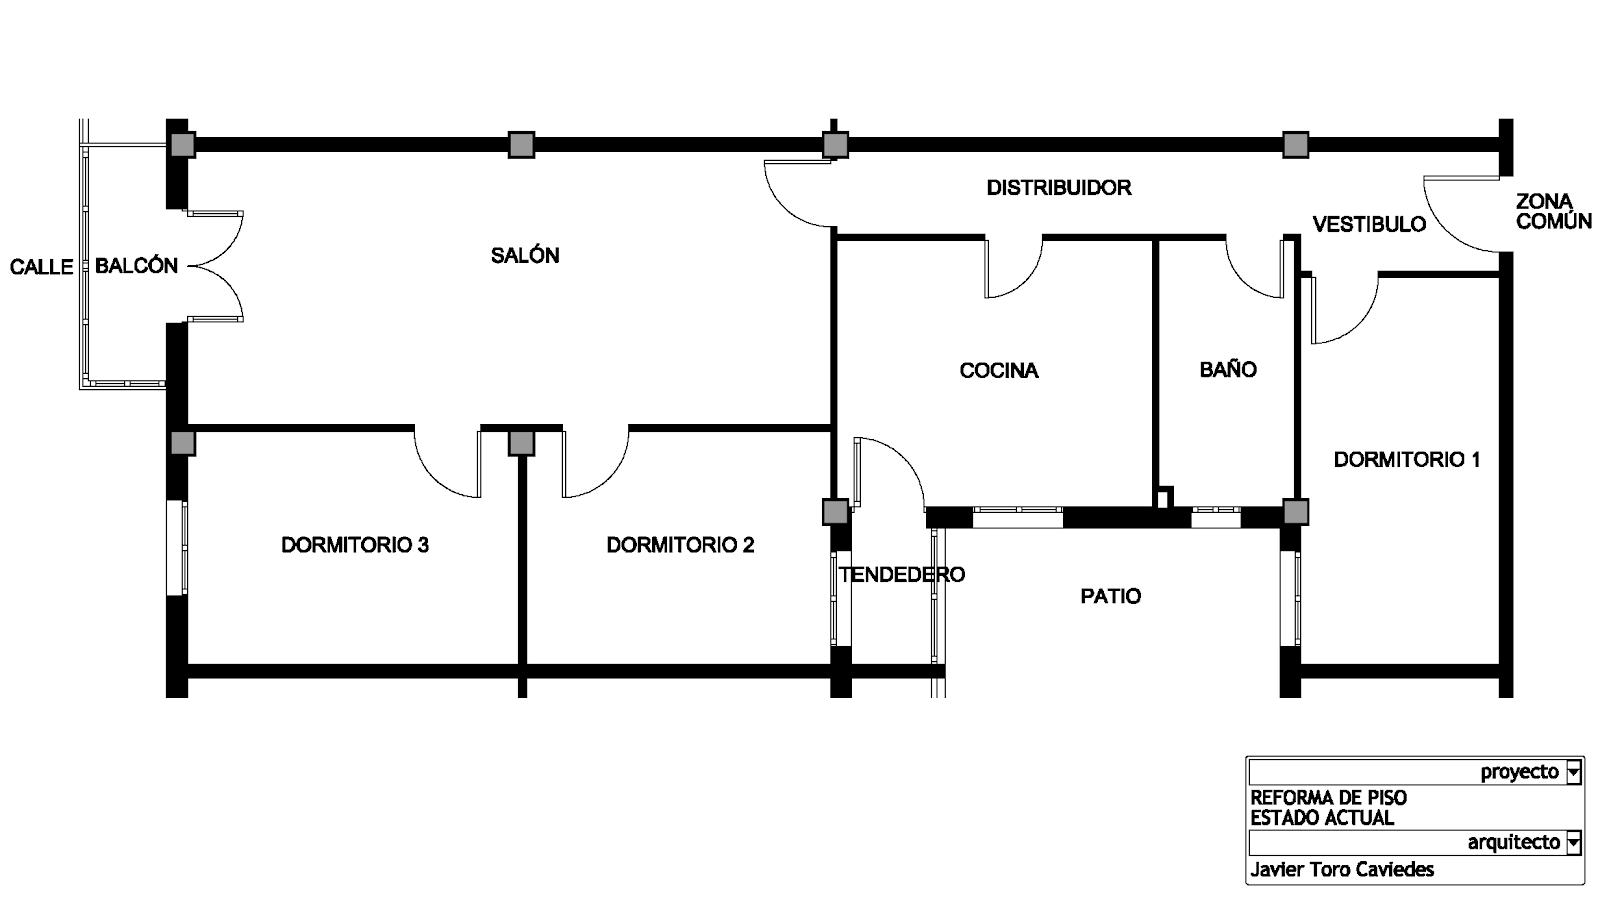 proyecto de reforma de piso estado original